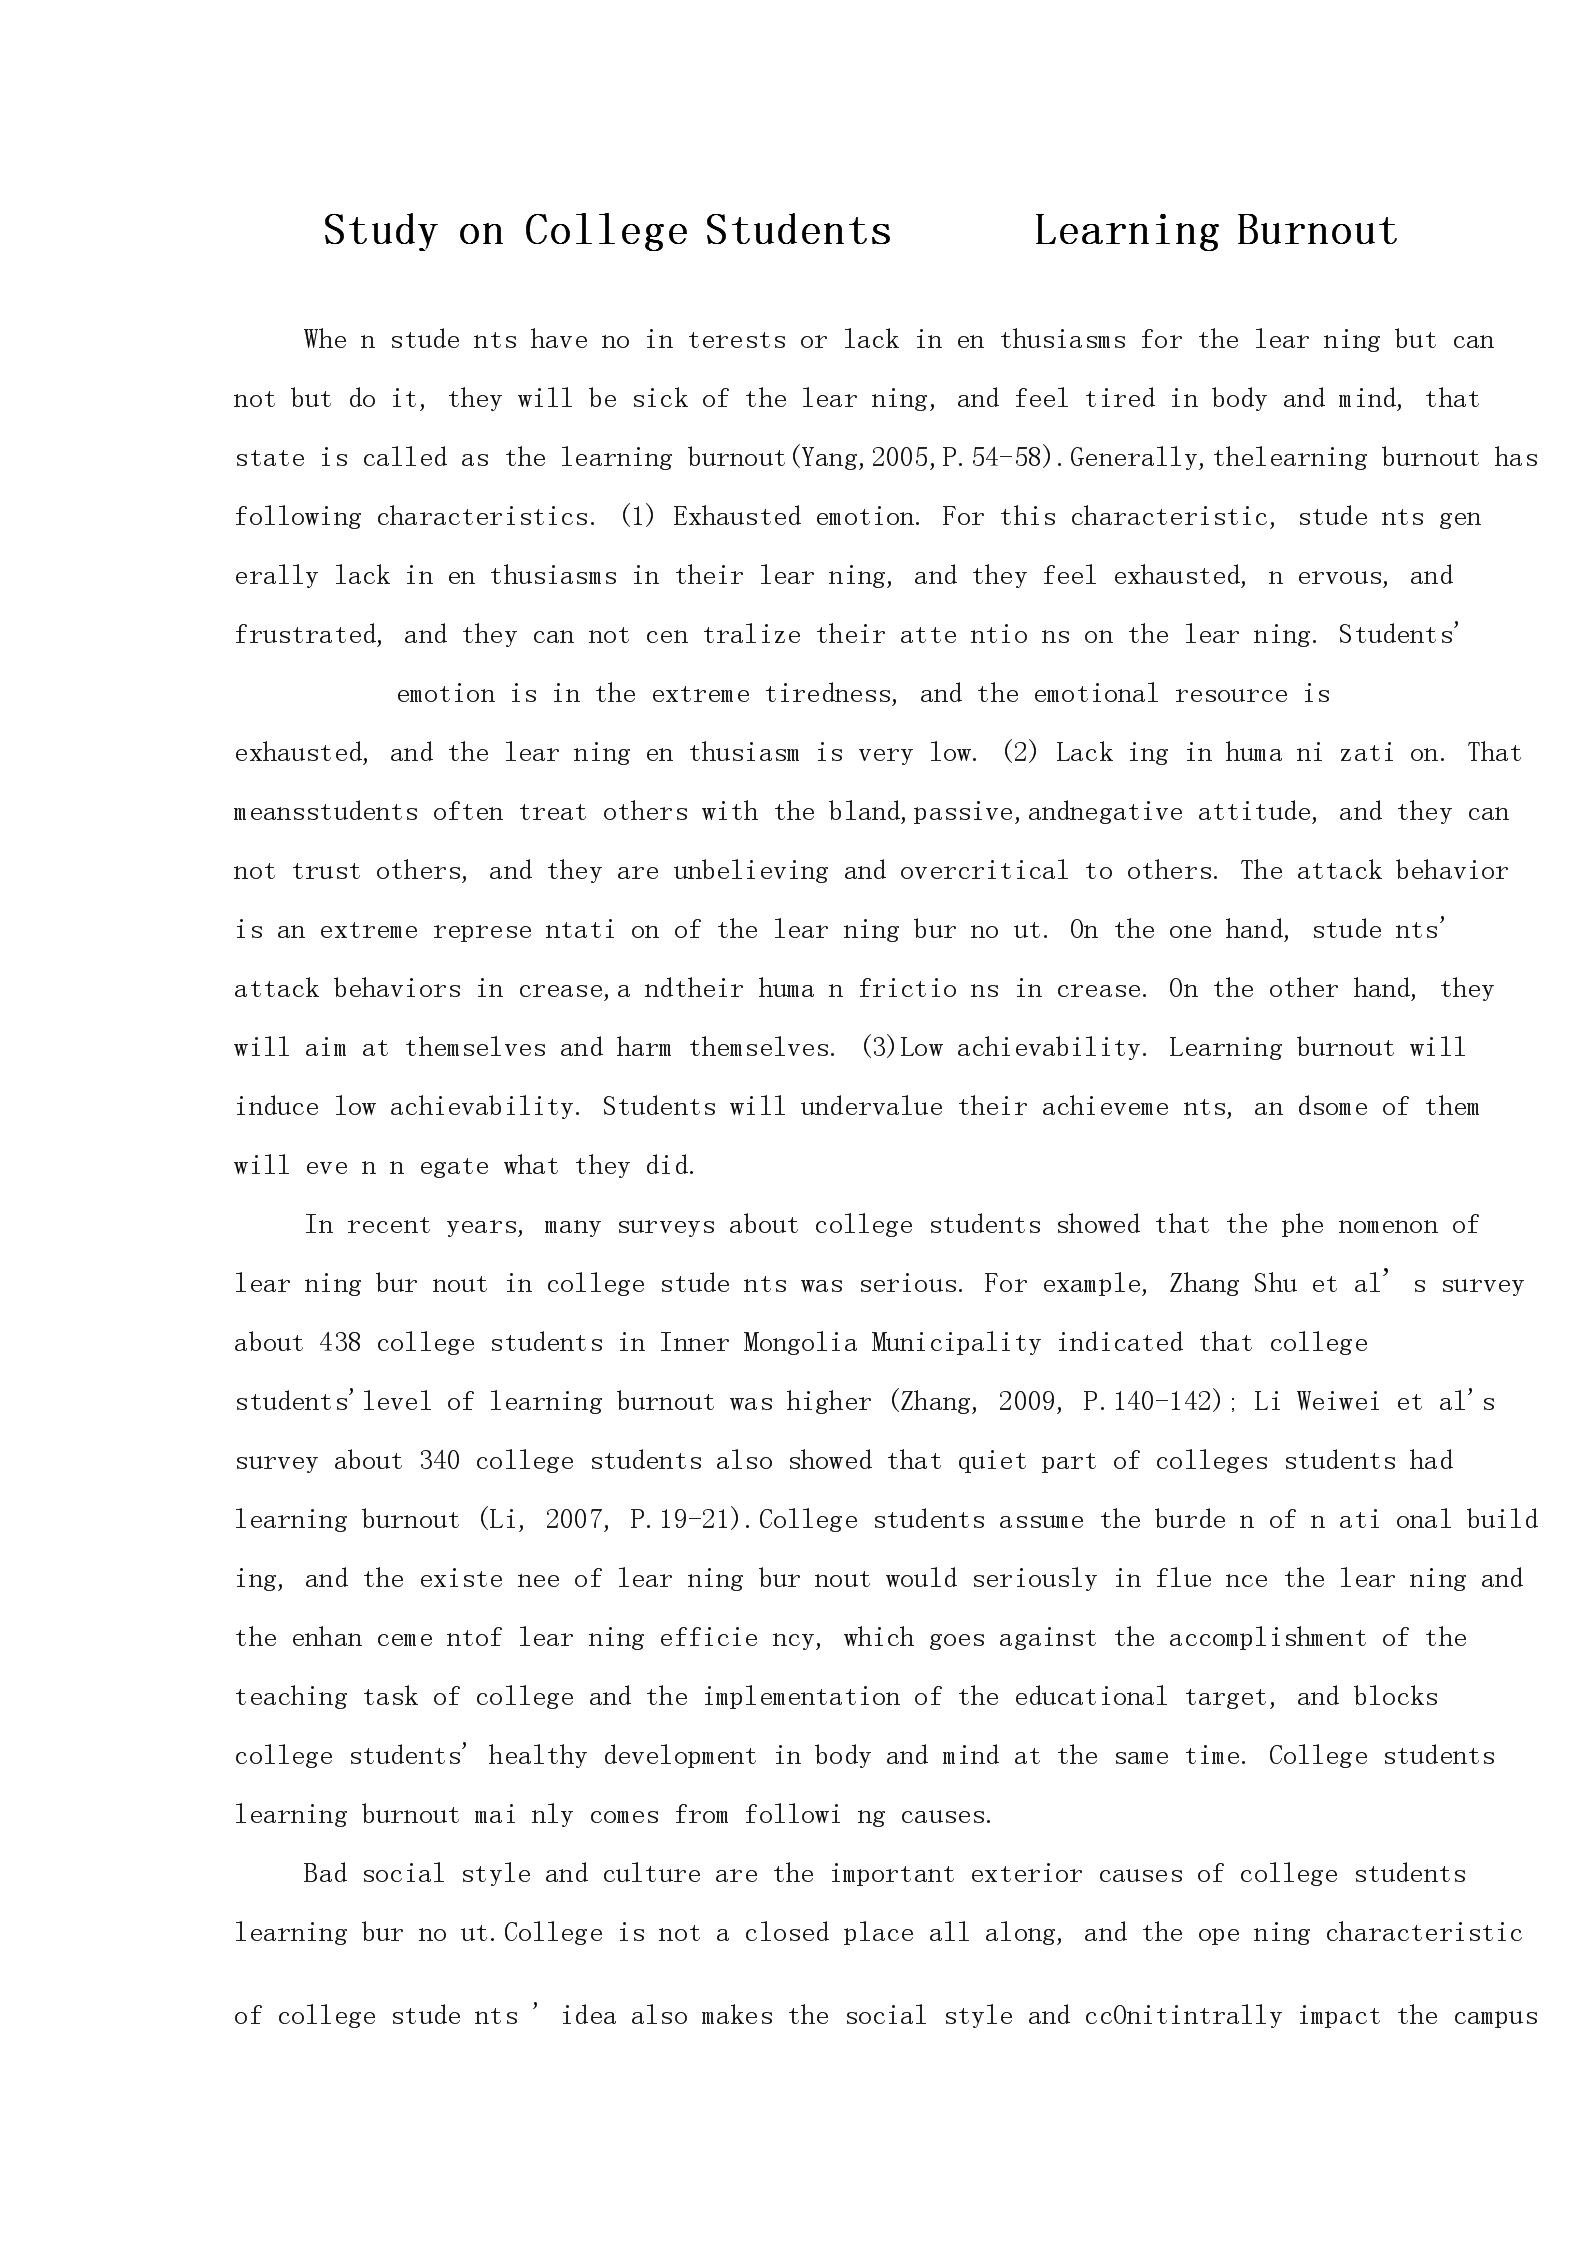 心理学毕业论文外文翻译--大学生学习倦怠的研究.docx